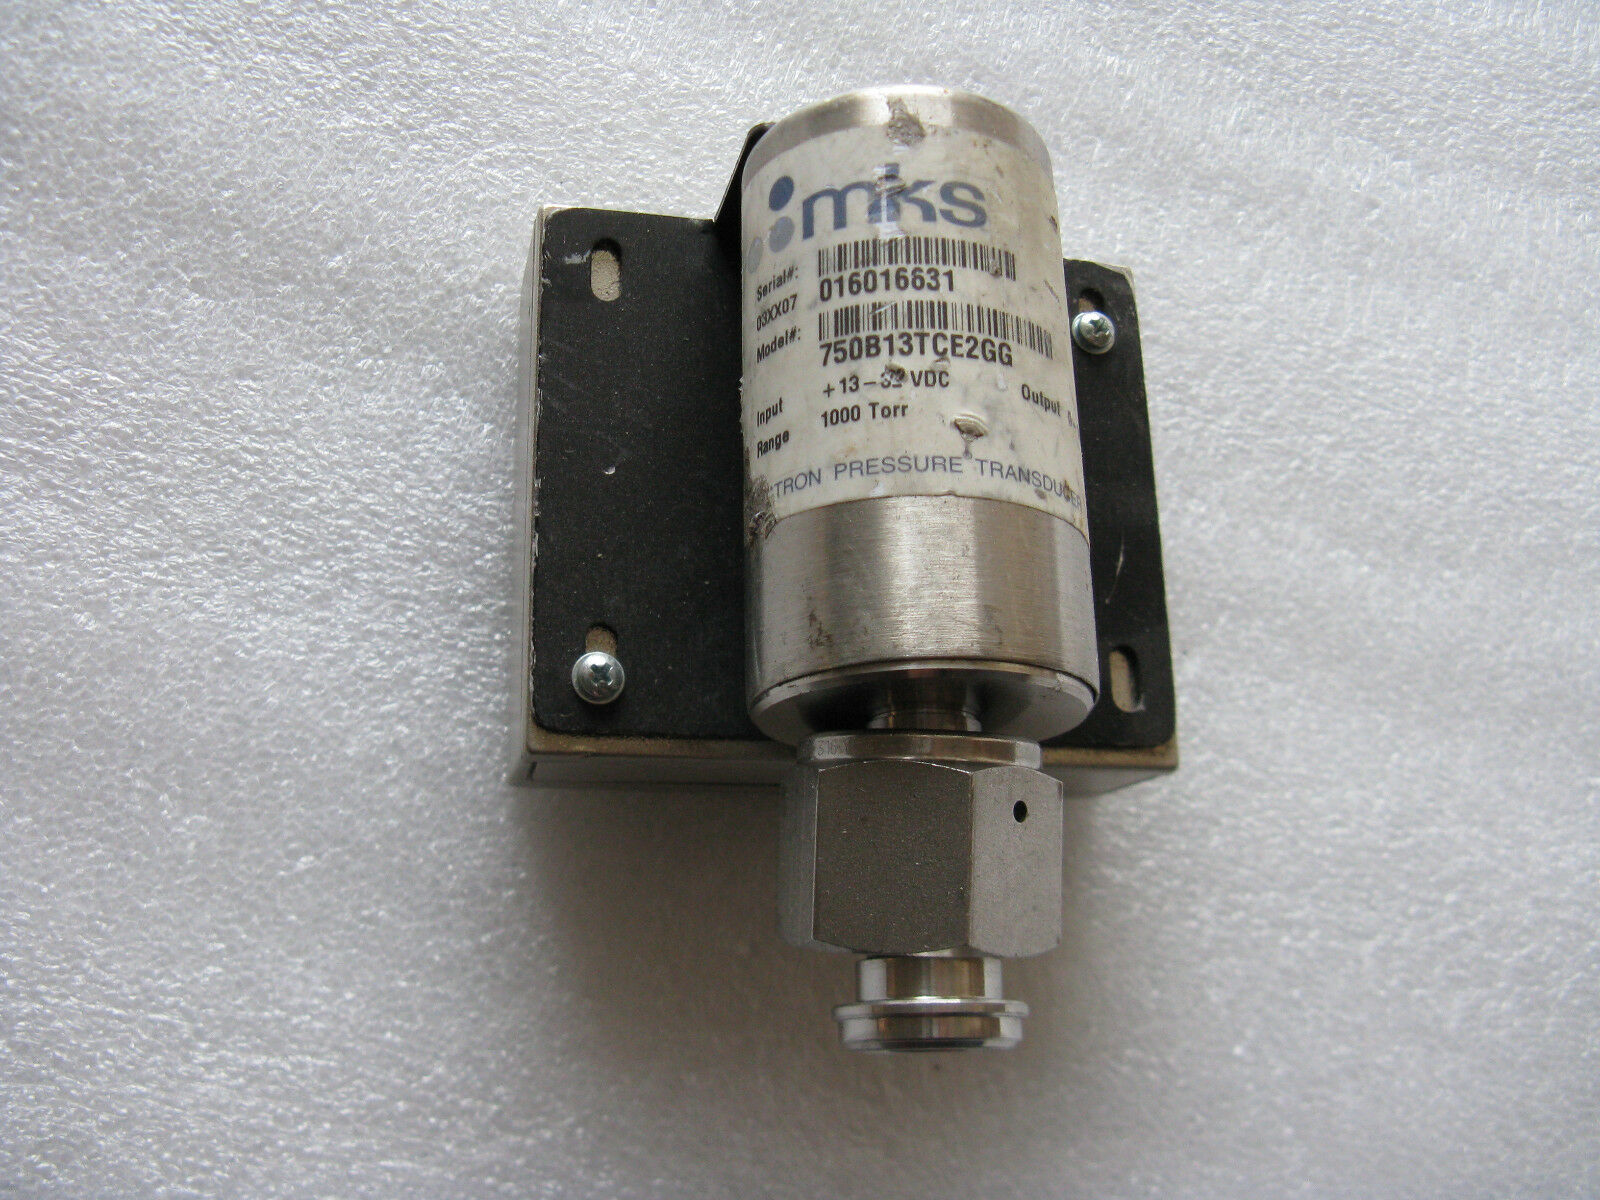 MKS 750B13TCE2GG Baratron transductor de presión 750B13TCE2GG MKS y R750B13TCE2GG 9ba0a5